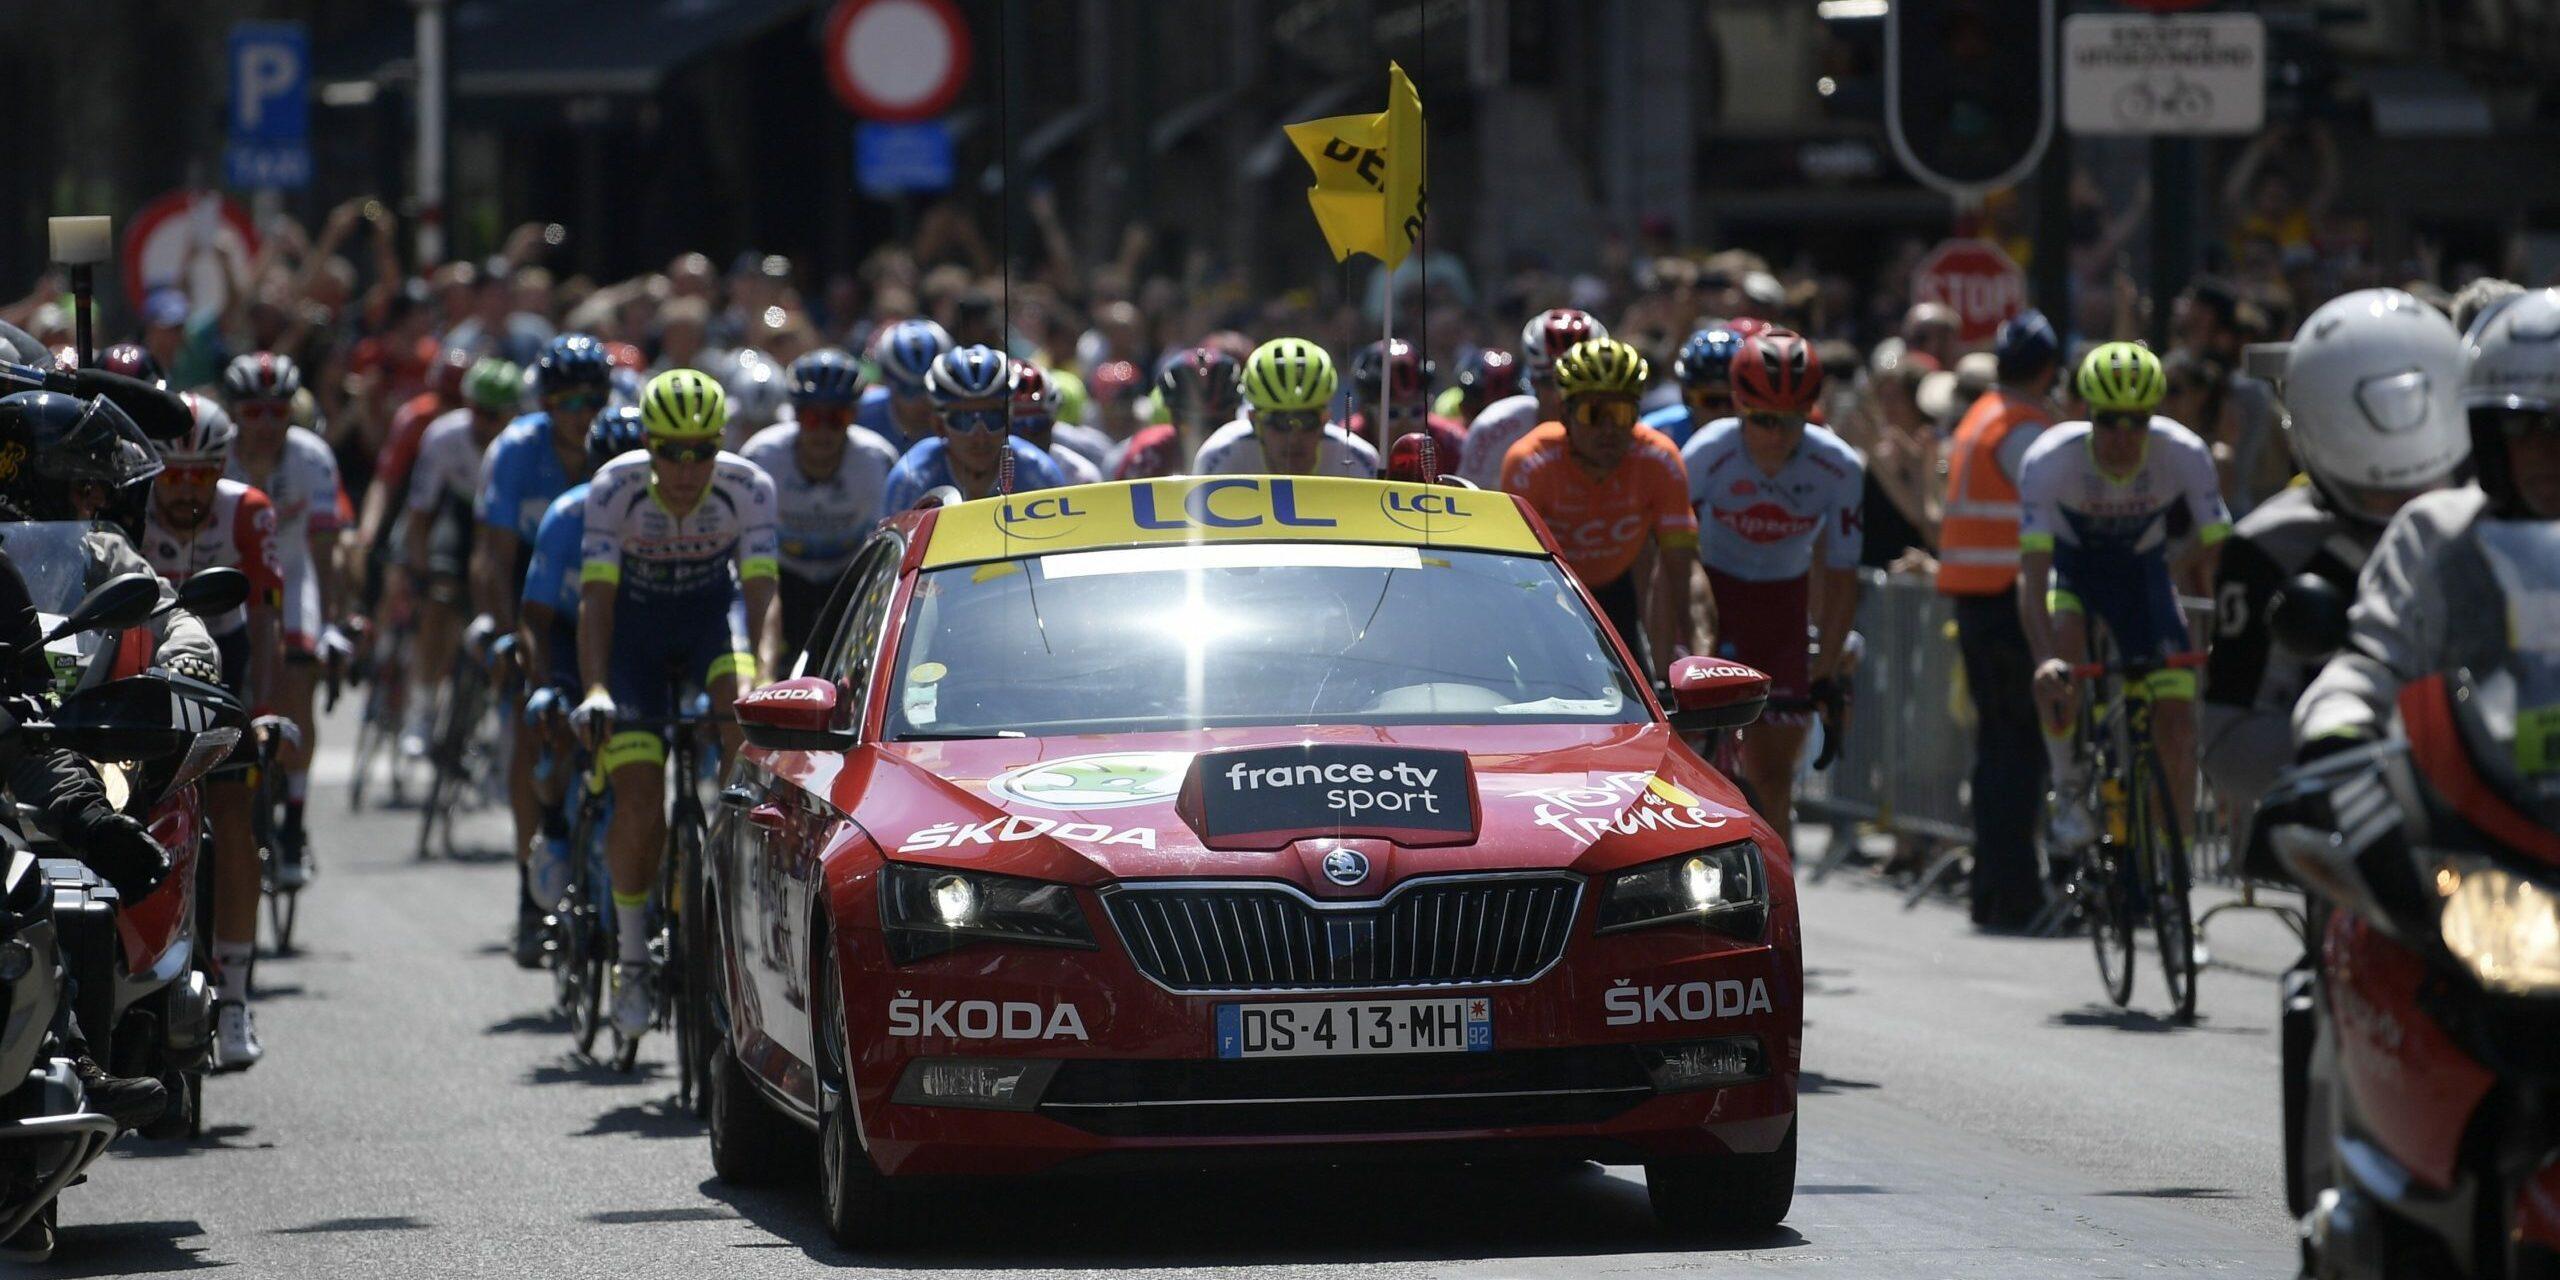 Inici de la primera etapa del Tour de França 2019 | Europa Press